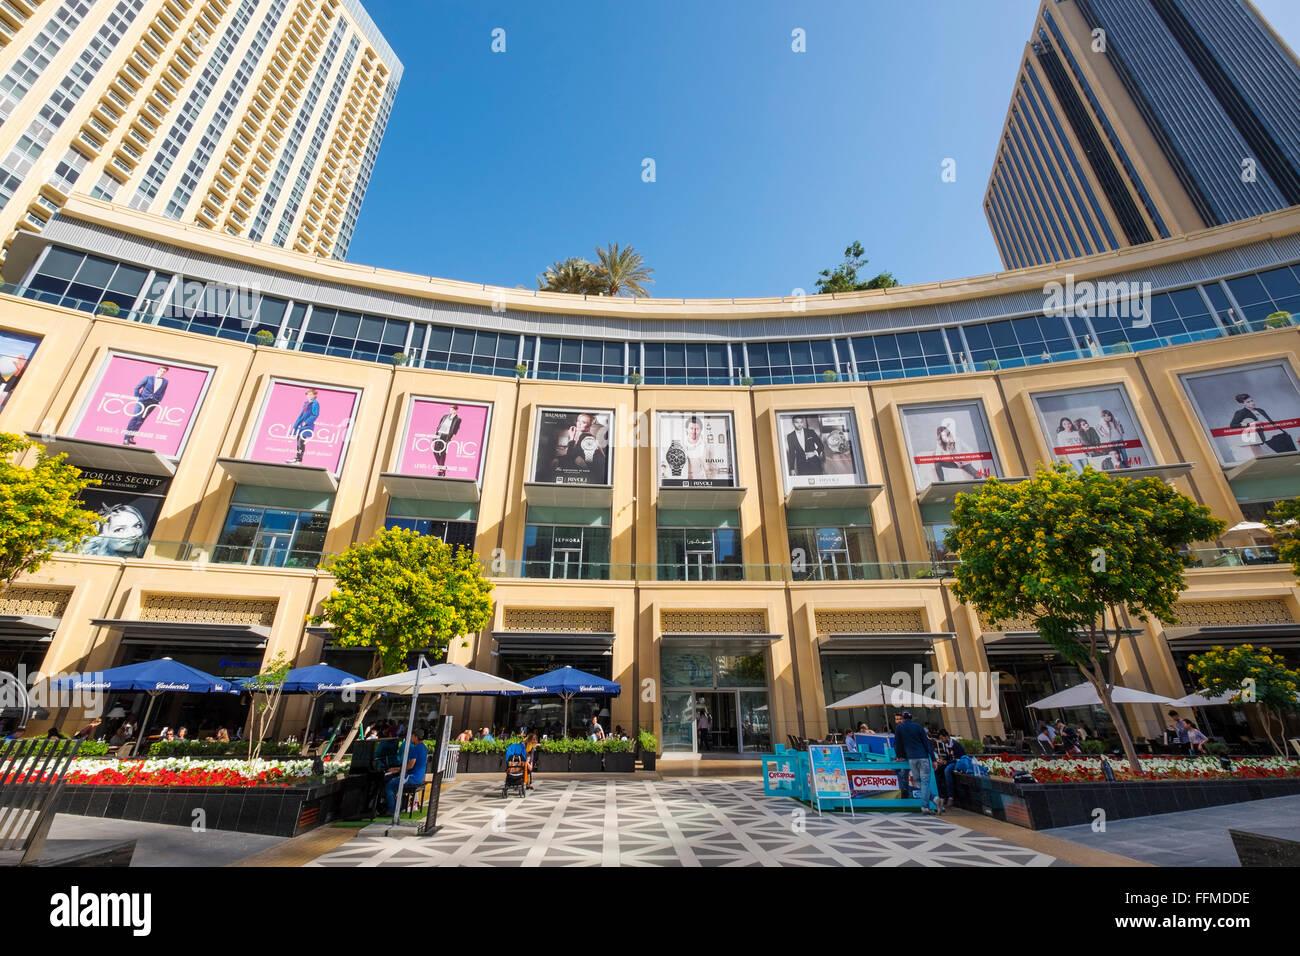 Blick auf die Marina Mall in Dubai, Vereinigte Arabische Emirate Stockbild